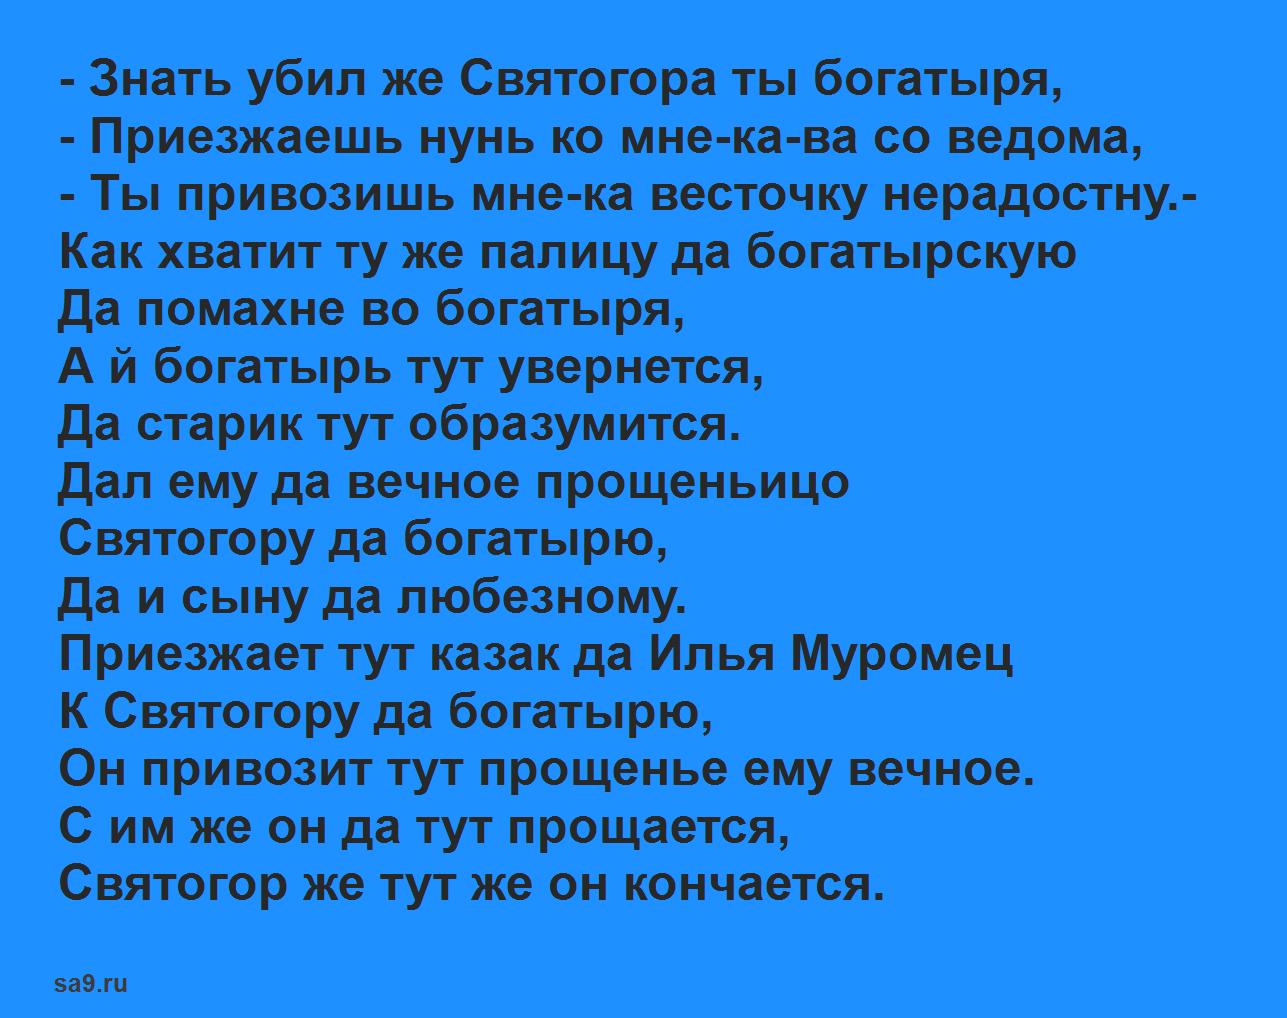 Читаем былину - Илья Муромец и Святогор, полностью бесплатно